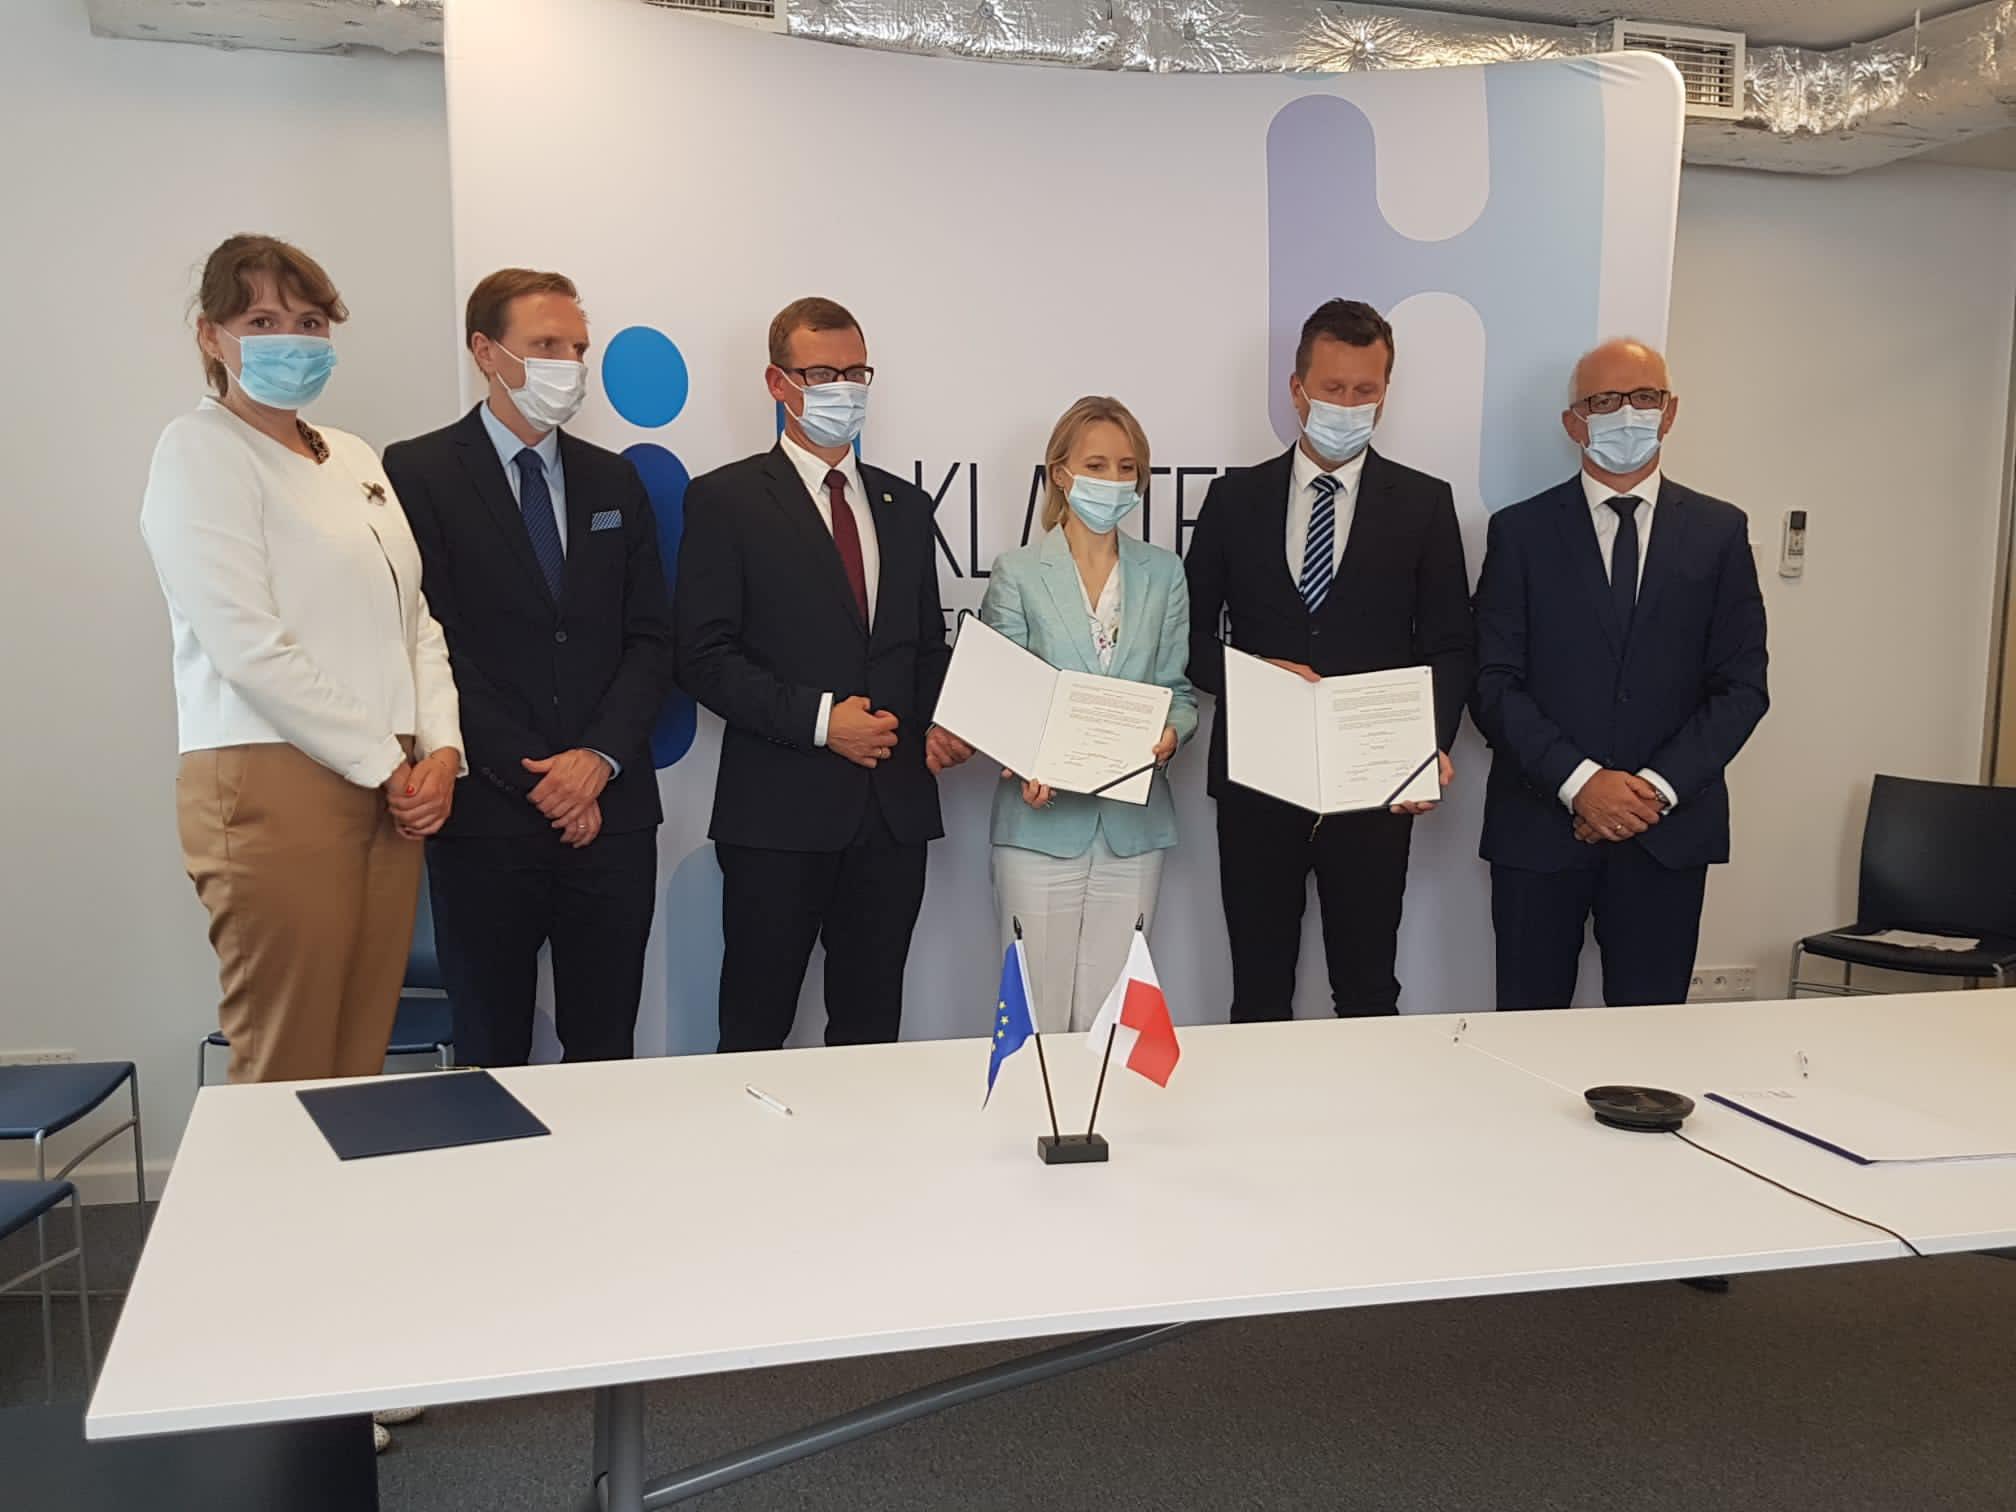 Europejski Bank Inwestycyjny (EBI) podpisał z Regionalną Izbą Gospodarczą Pomorza umowę na usługi doradcze dla Klastra Technologii Wodorowych